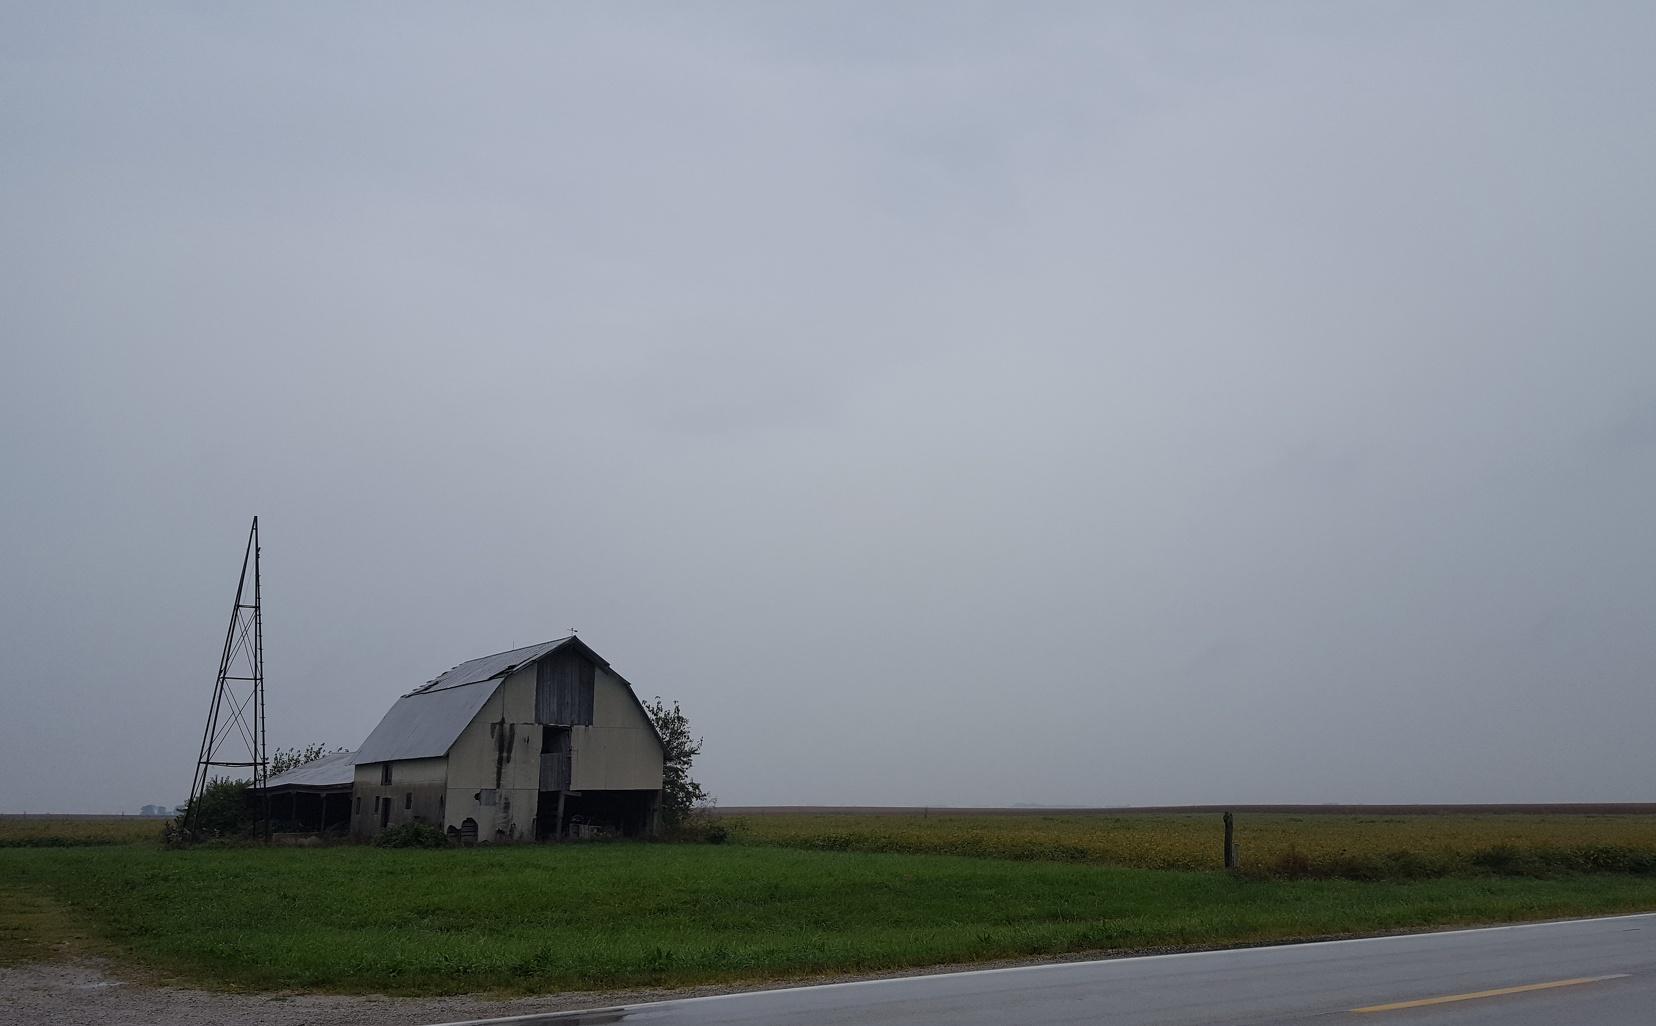 Run down rainy barn in Illinois II.